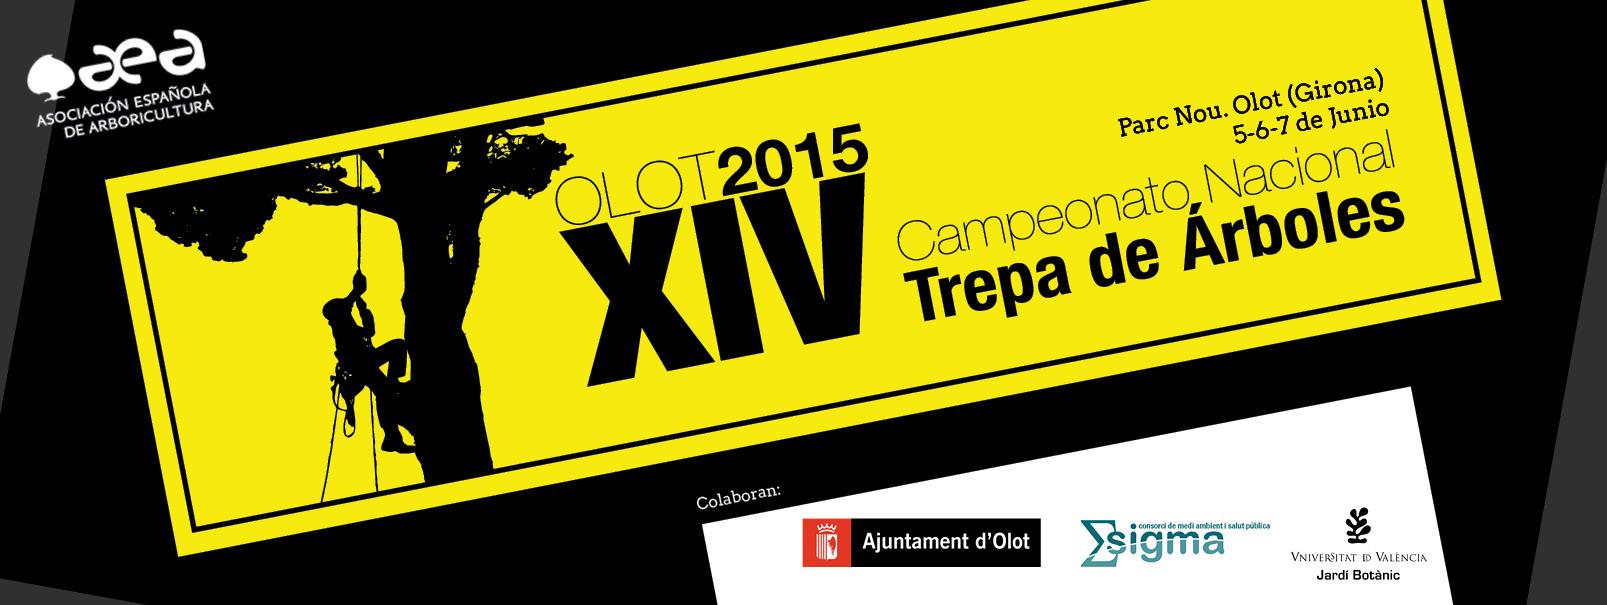 Campeonato Nacional de trepa de árboles en Olot!!!